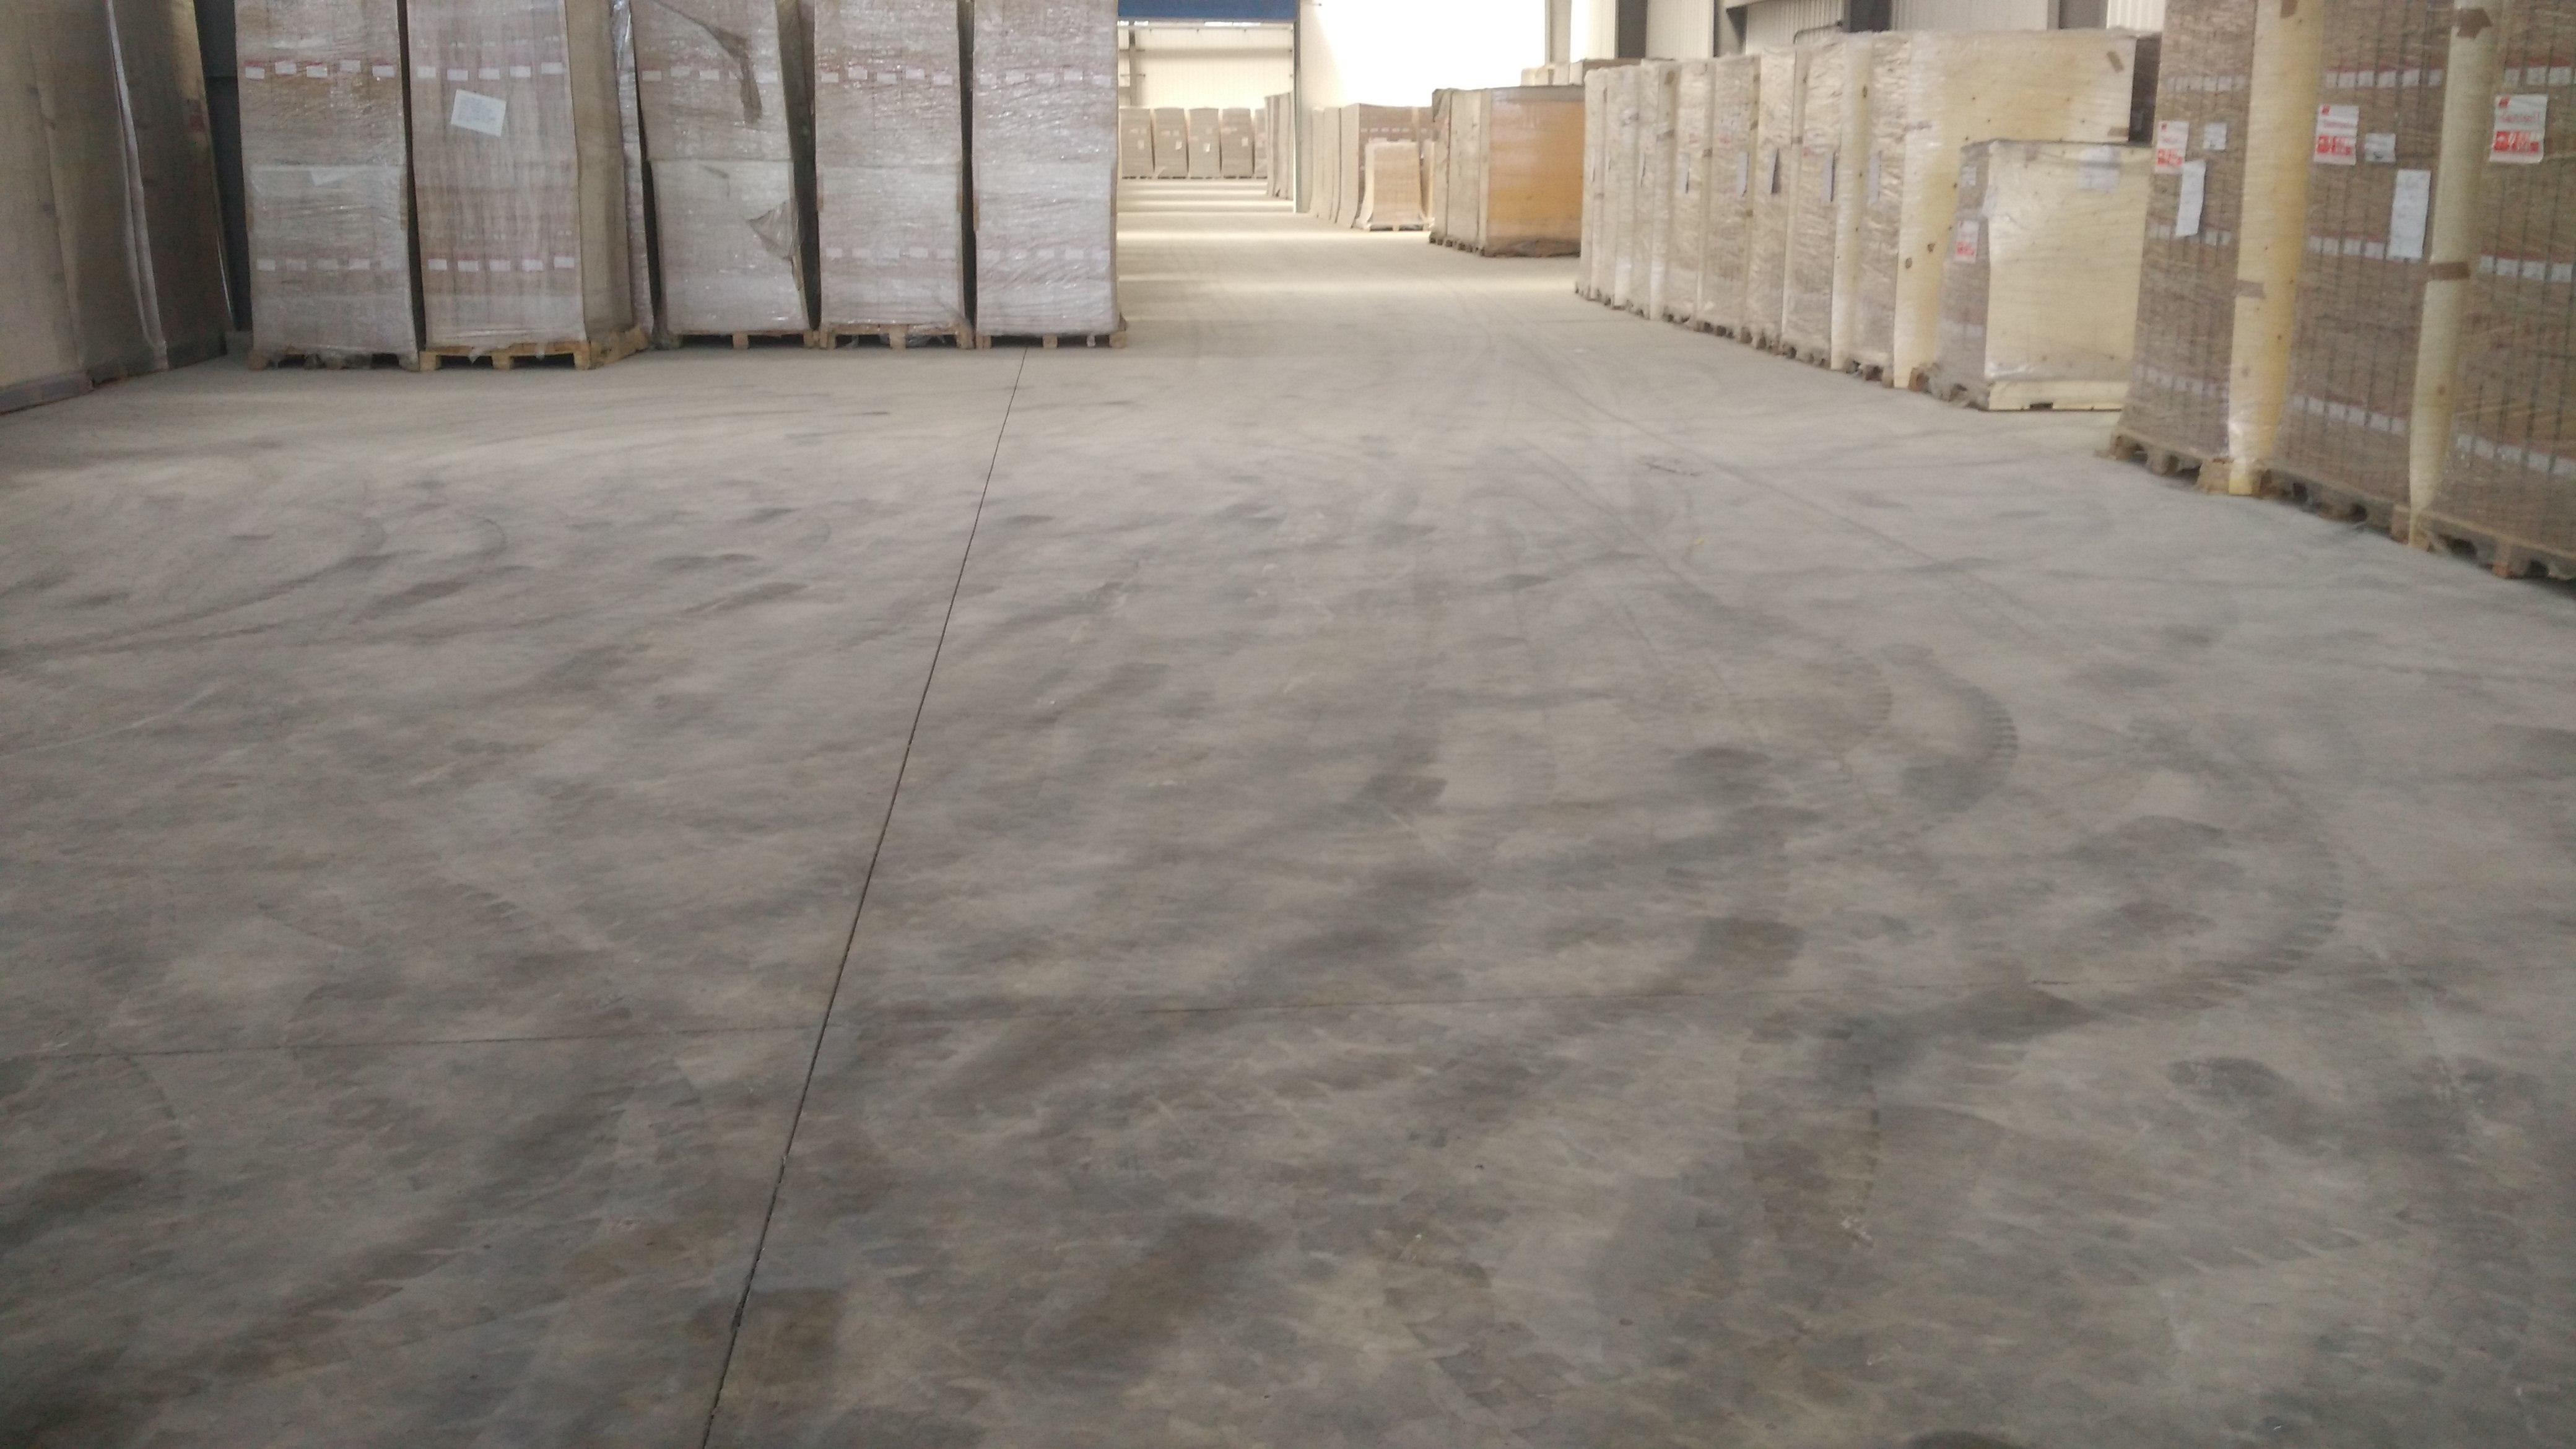 泾县草坪砖供应商-三妹水泥预制品-楚北网